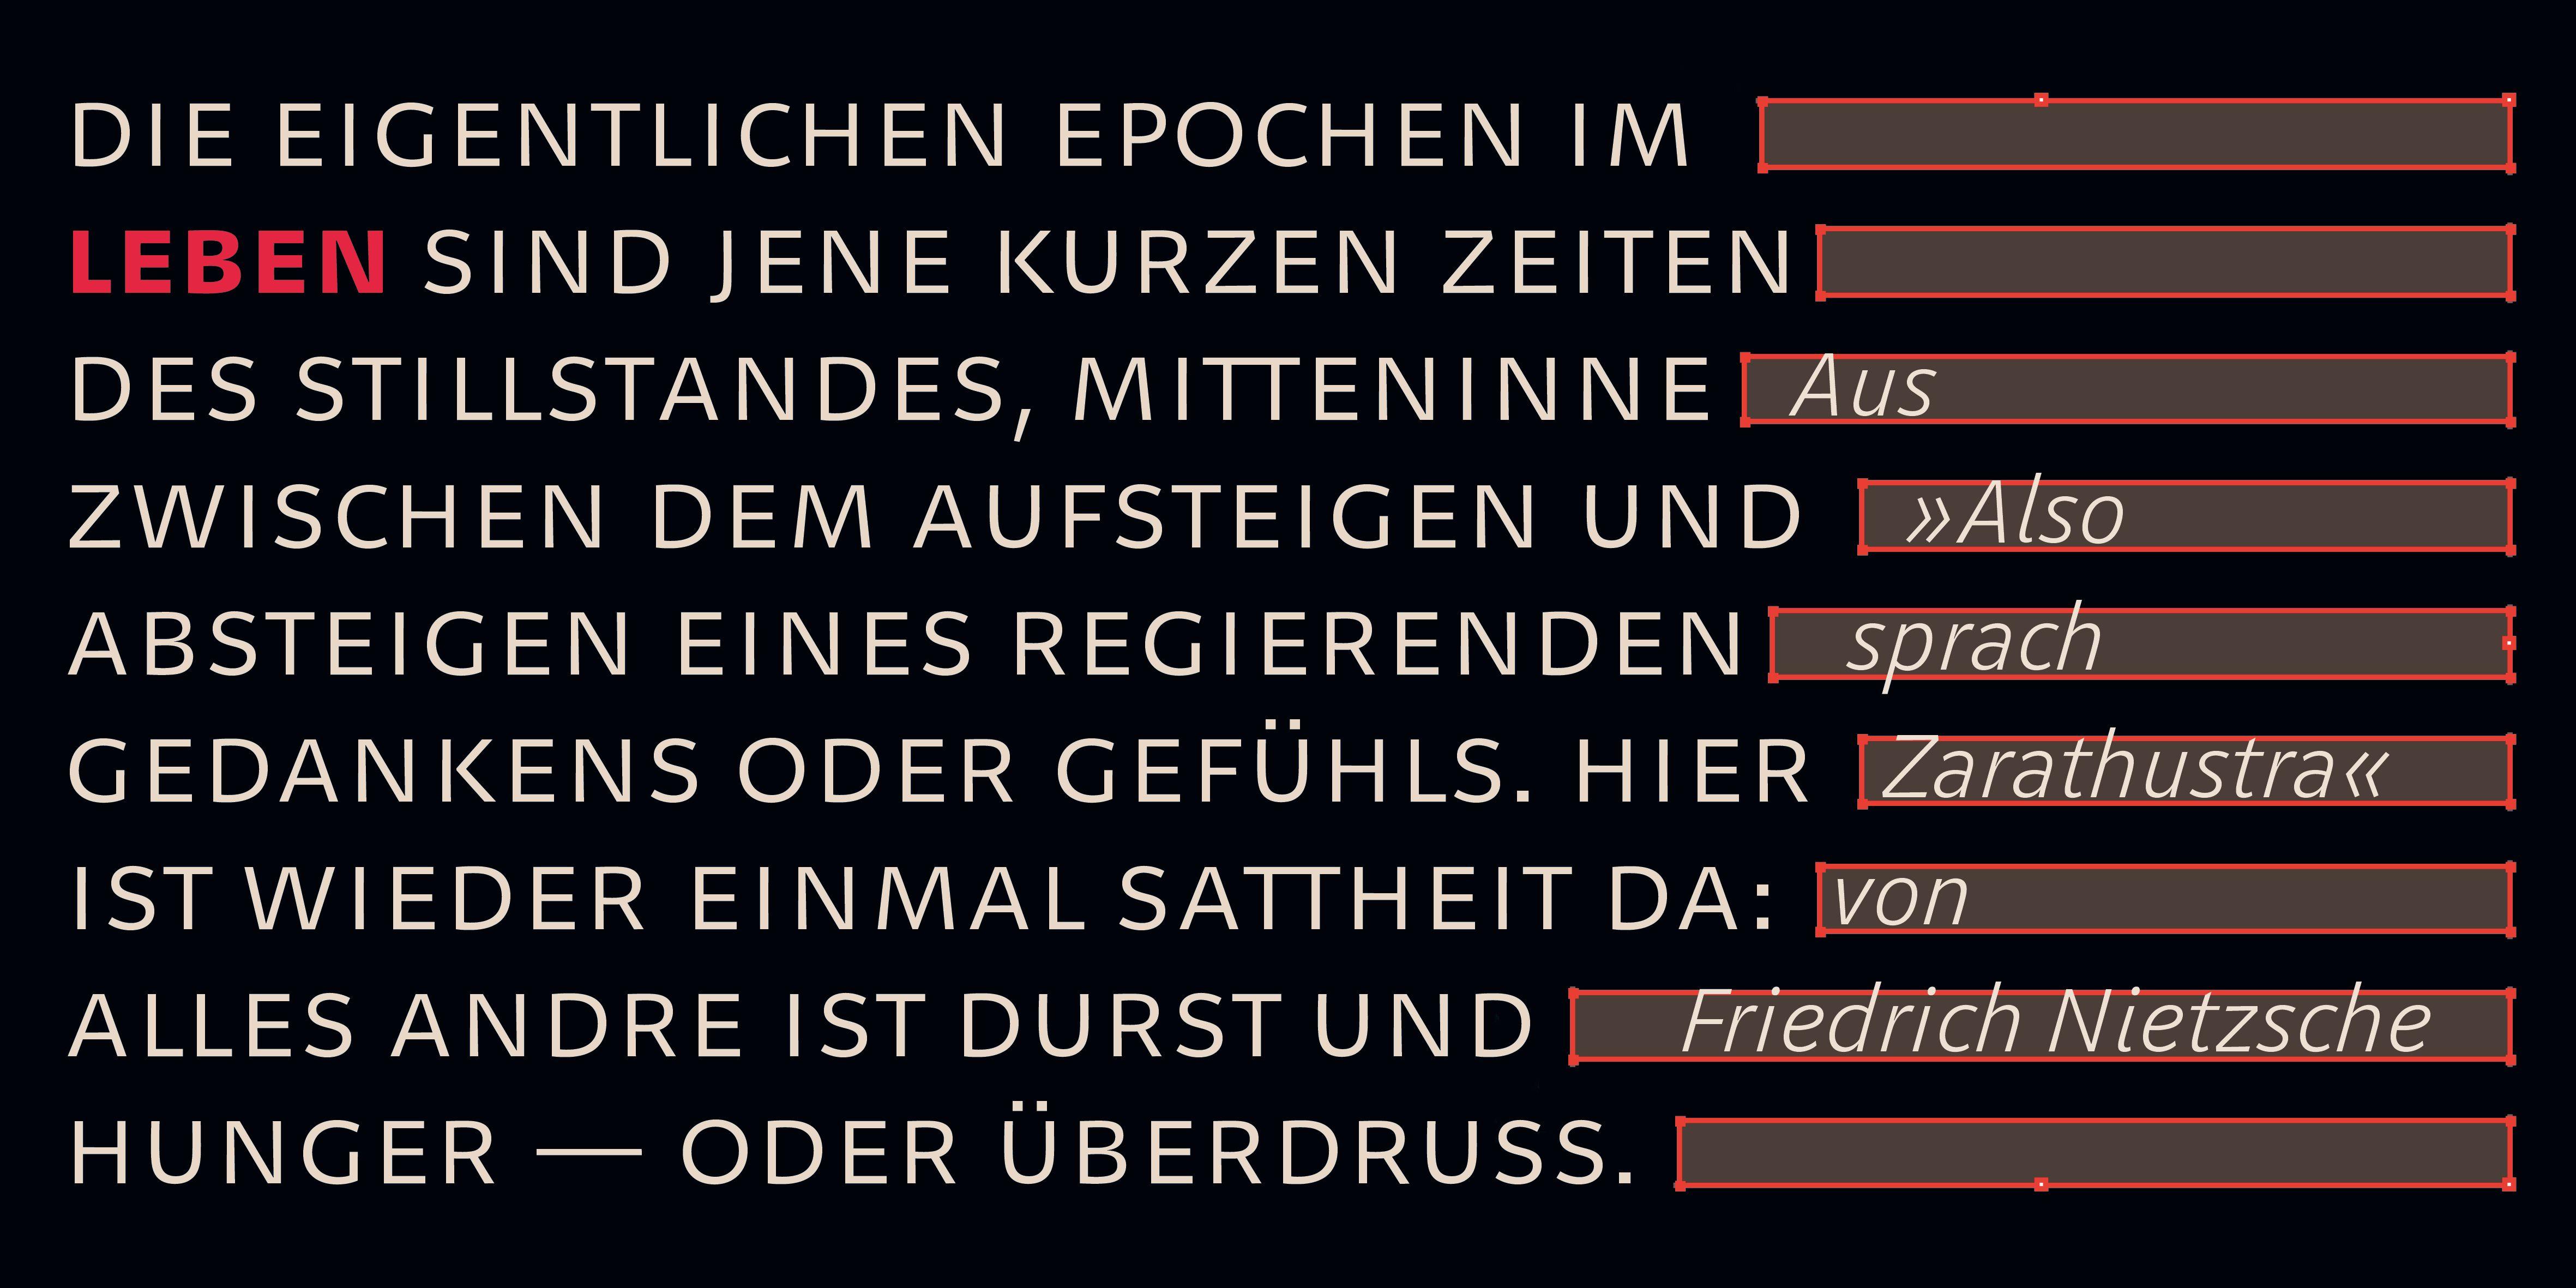 Poster: Typografische Umsetzung eines Nietzsche-Zitats in der Geóso